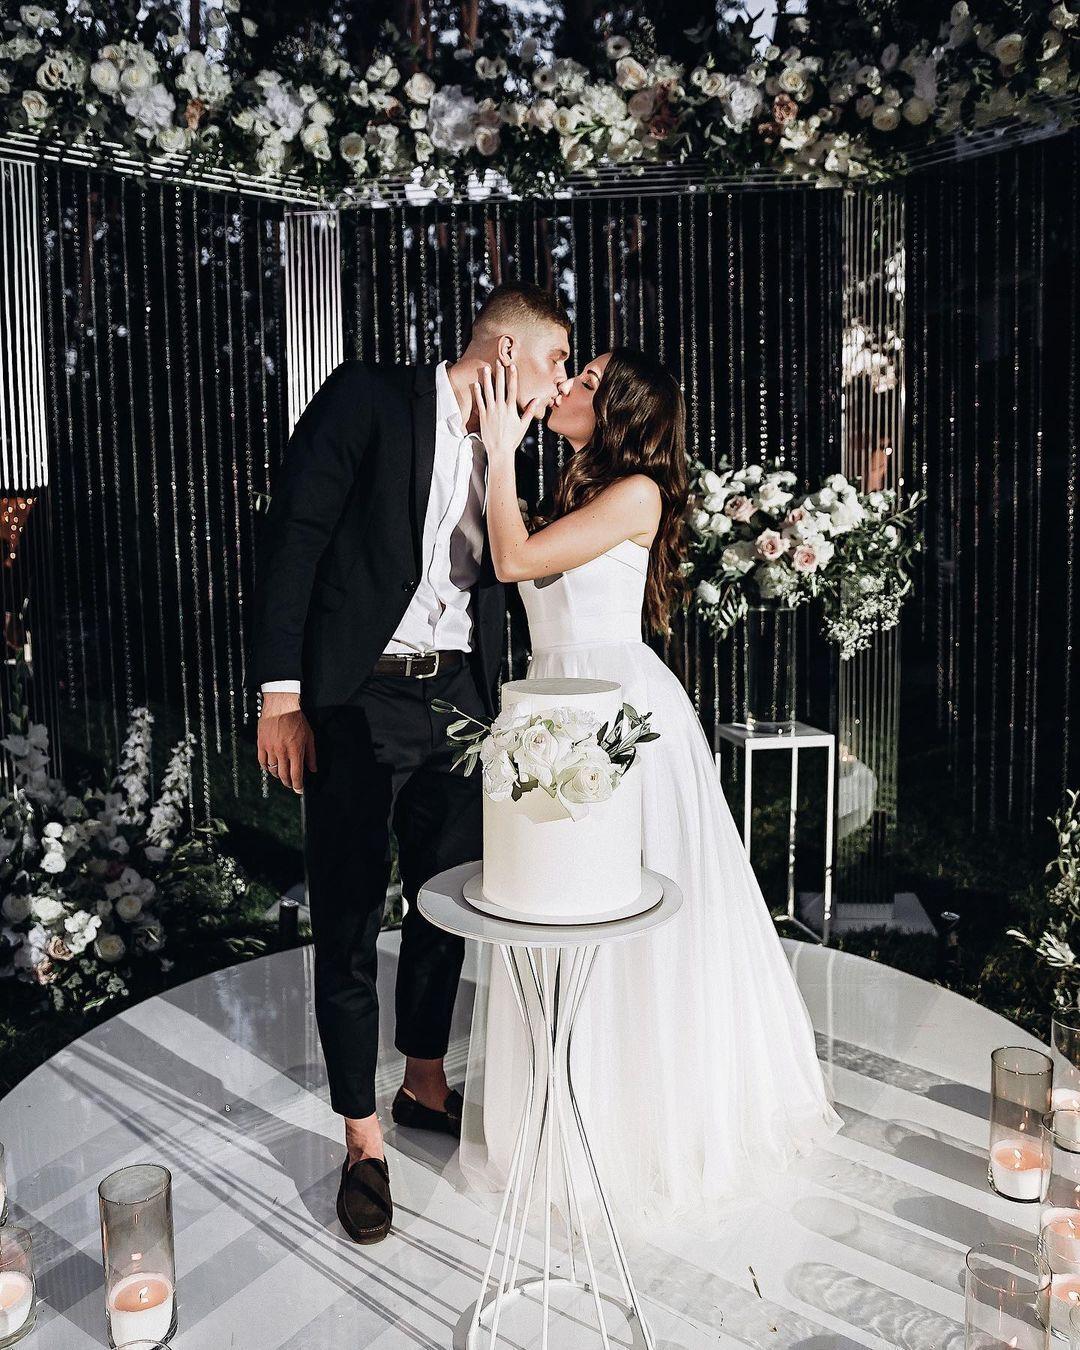 Довбик сыграл свадьбу летом 2020 года.